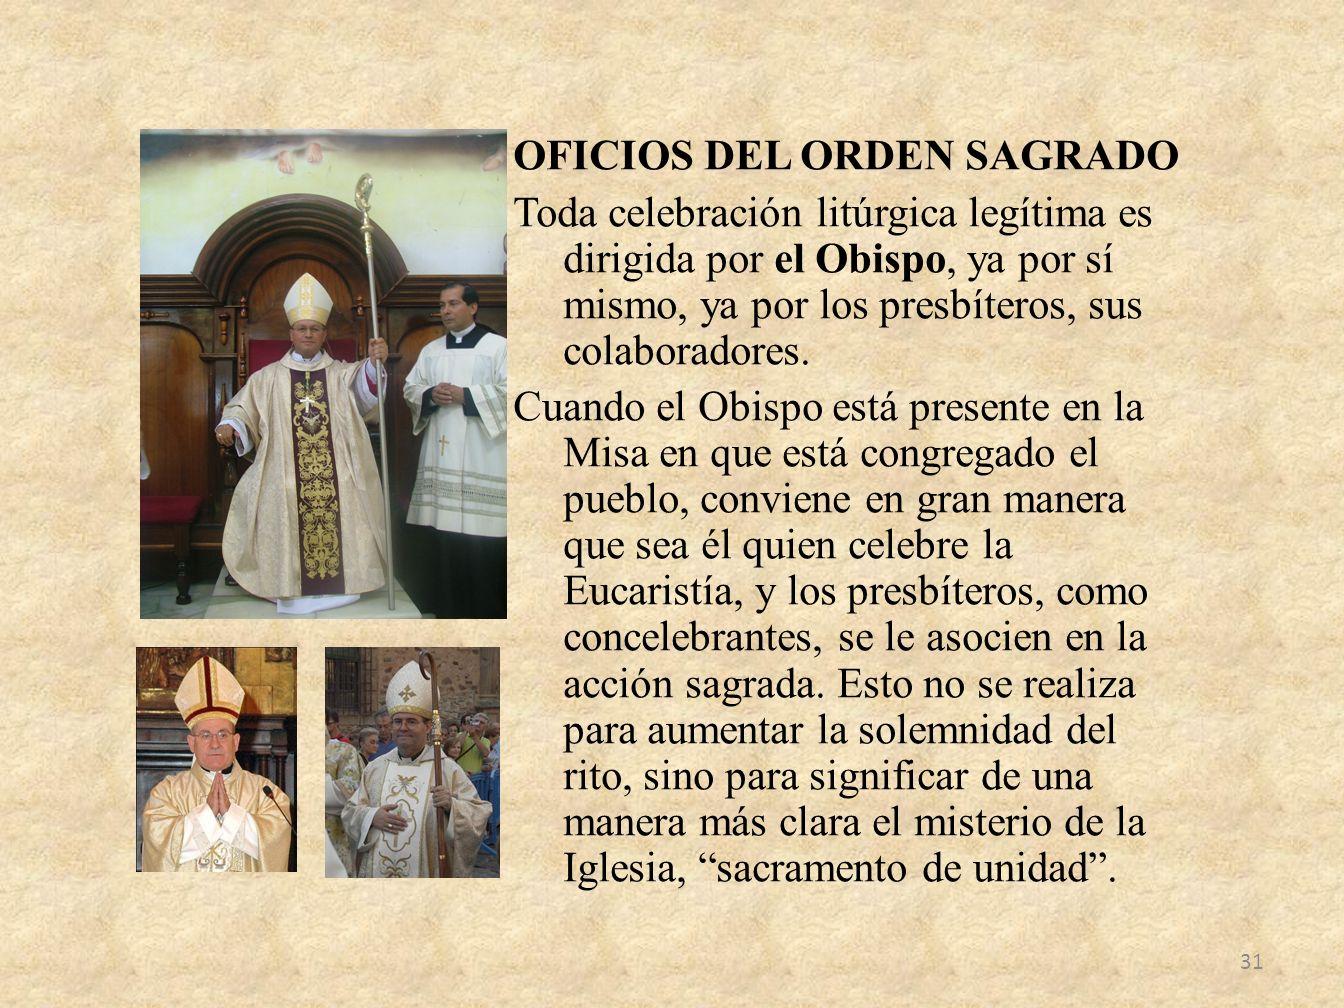 OFICIOS DEL ORDEN SAGRADO Toda celebración litúrgica legítima es dirigida por el Obispo, ya por sí mismo, ya por los presbíteros, sus colaboradores.